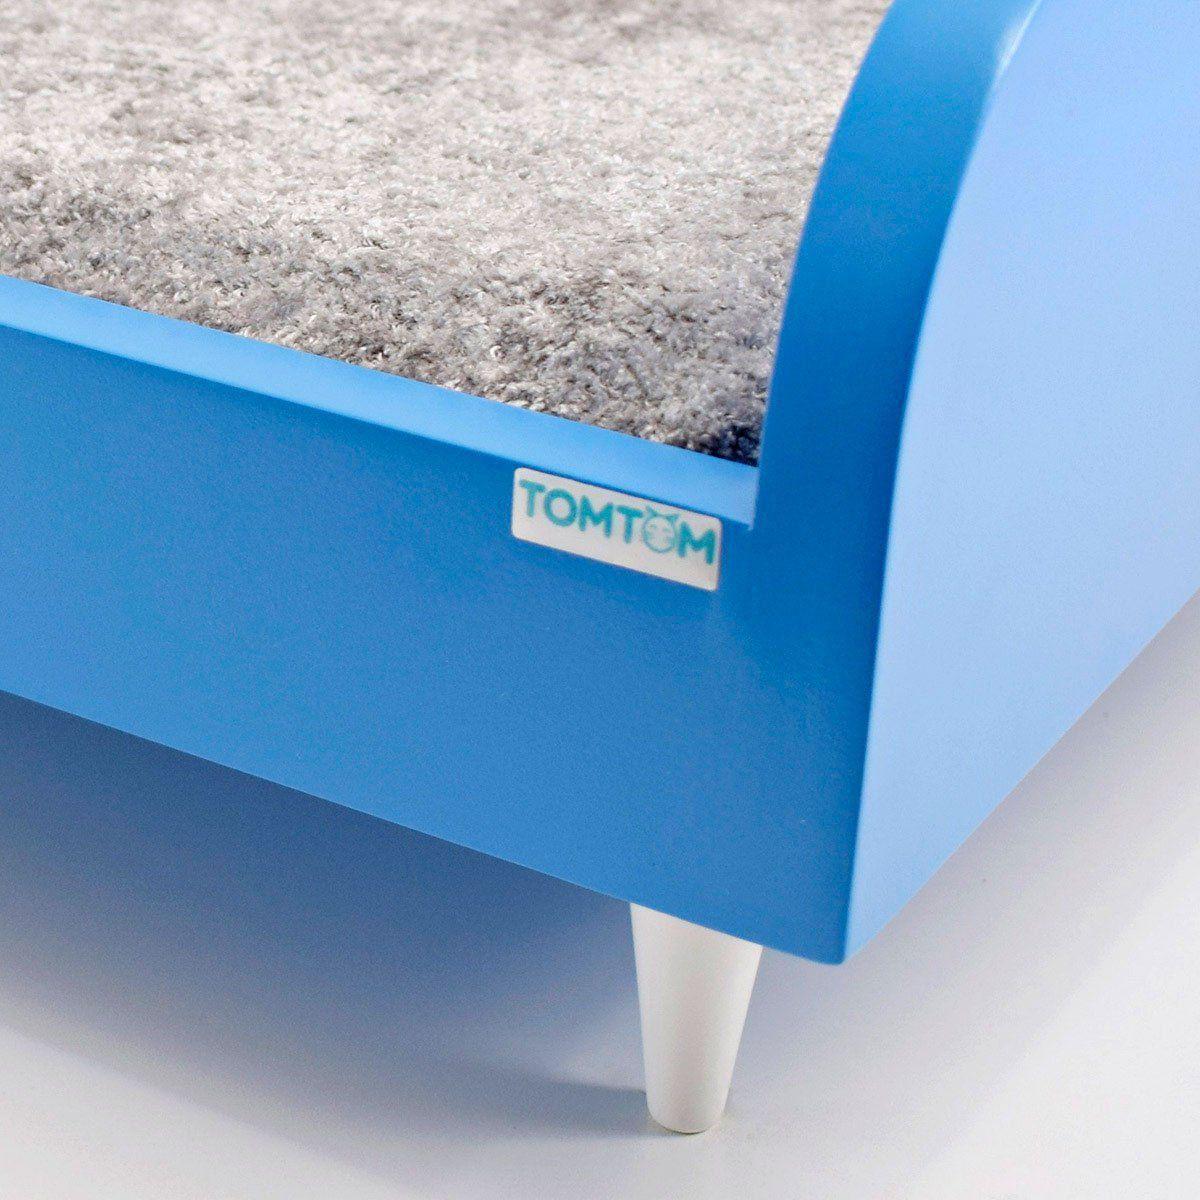 Sofá para Cachorro Tomtom Pet Azul com Almofada Cinza - M